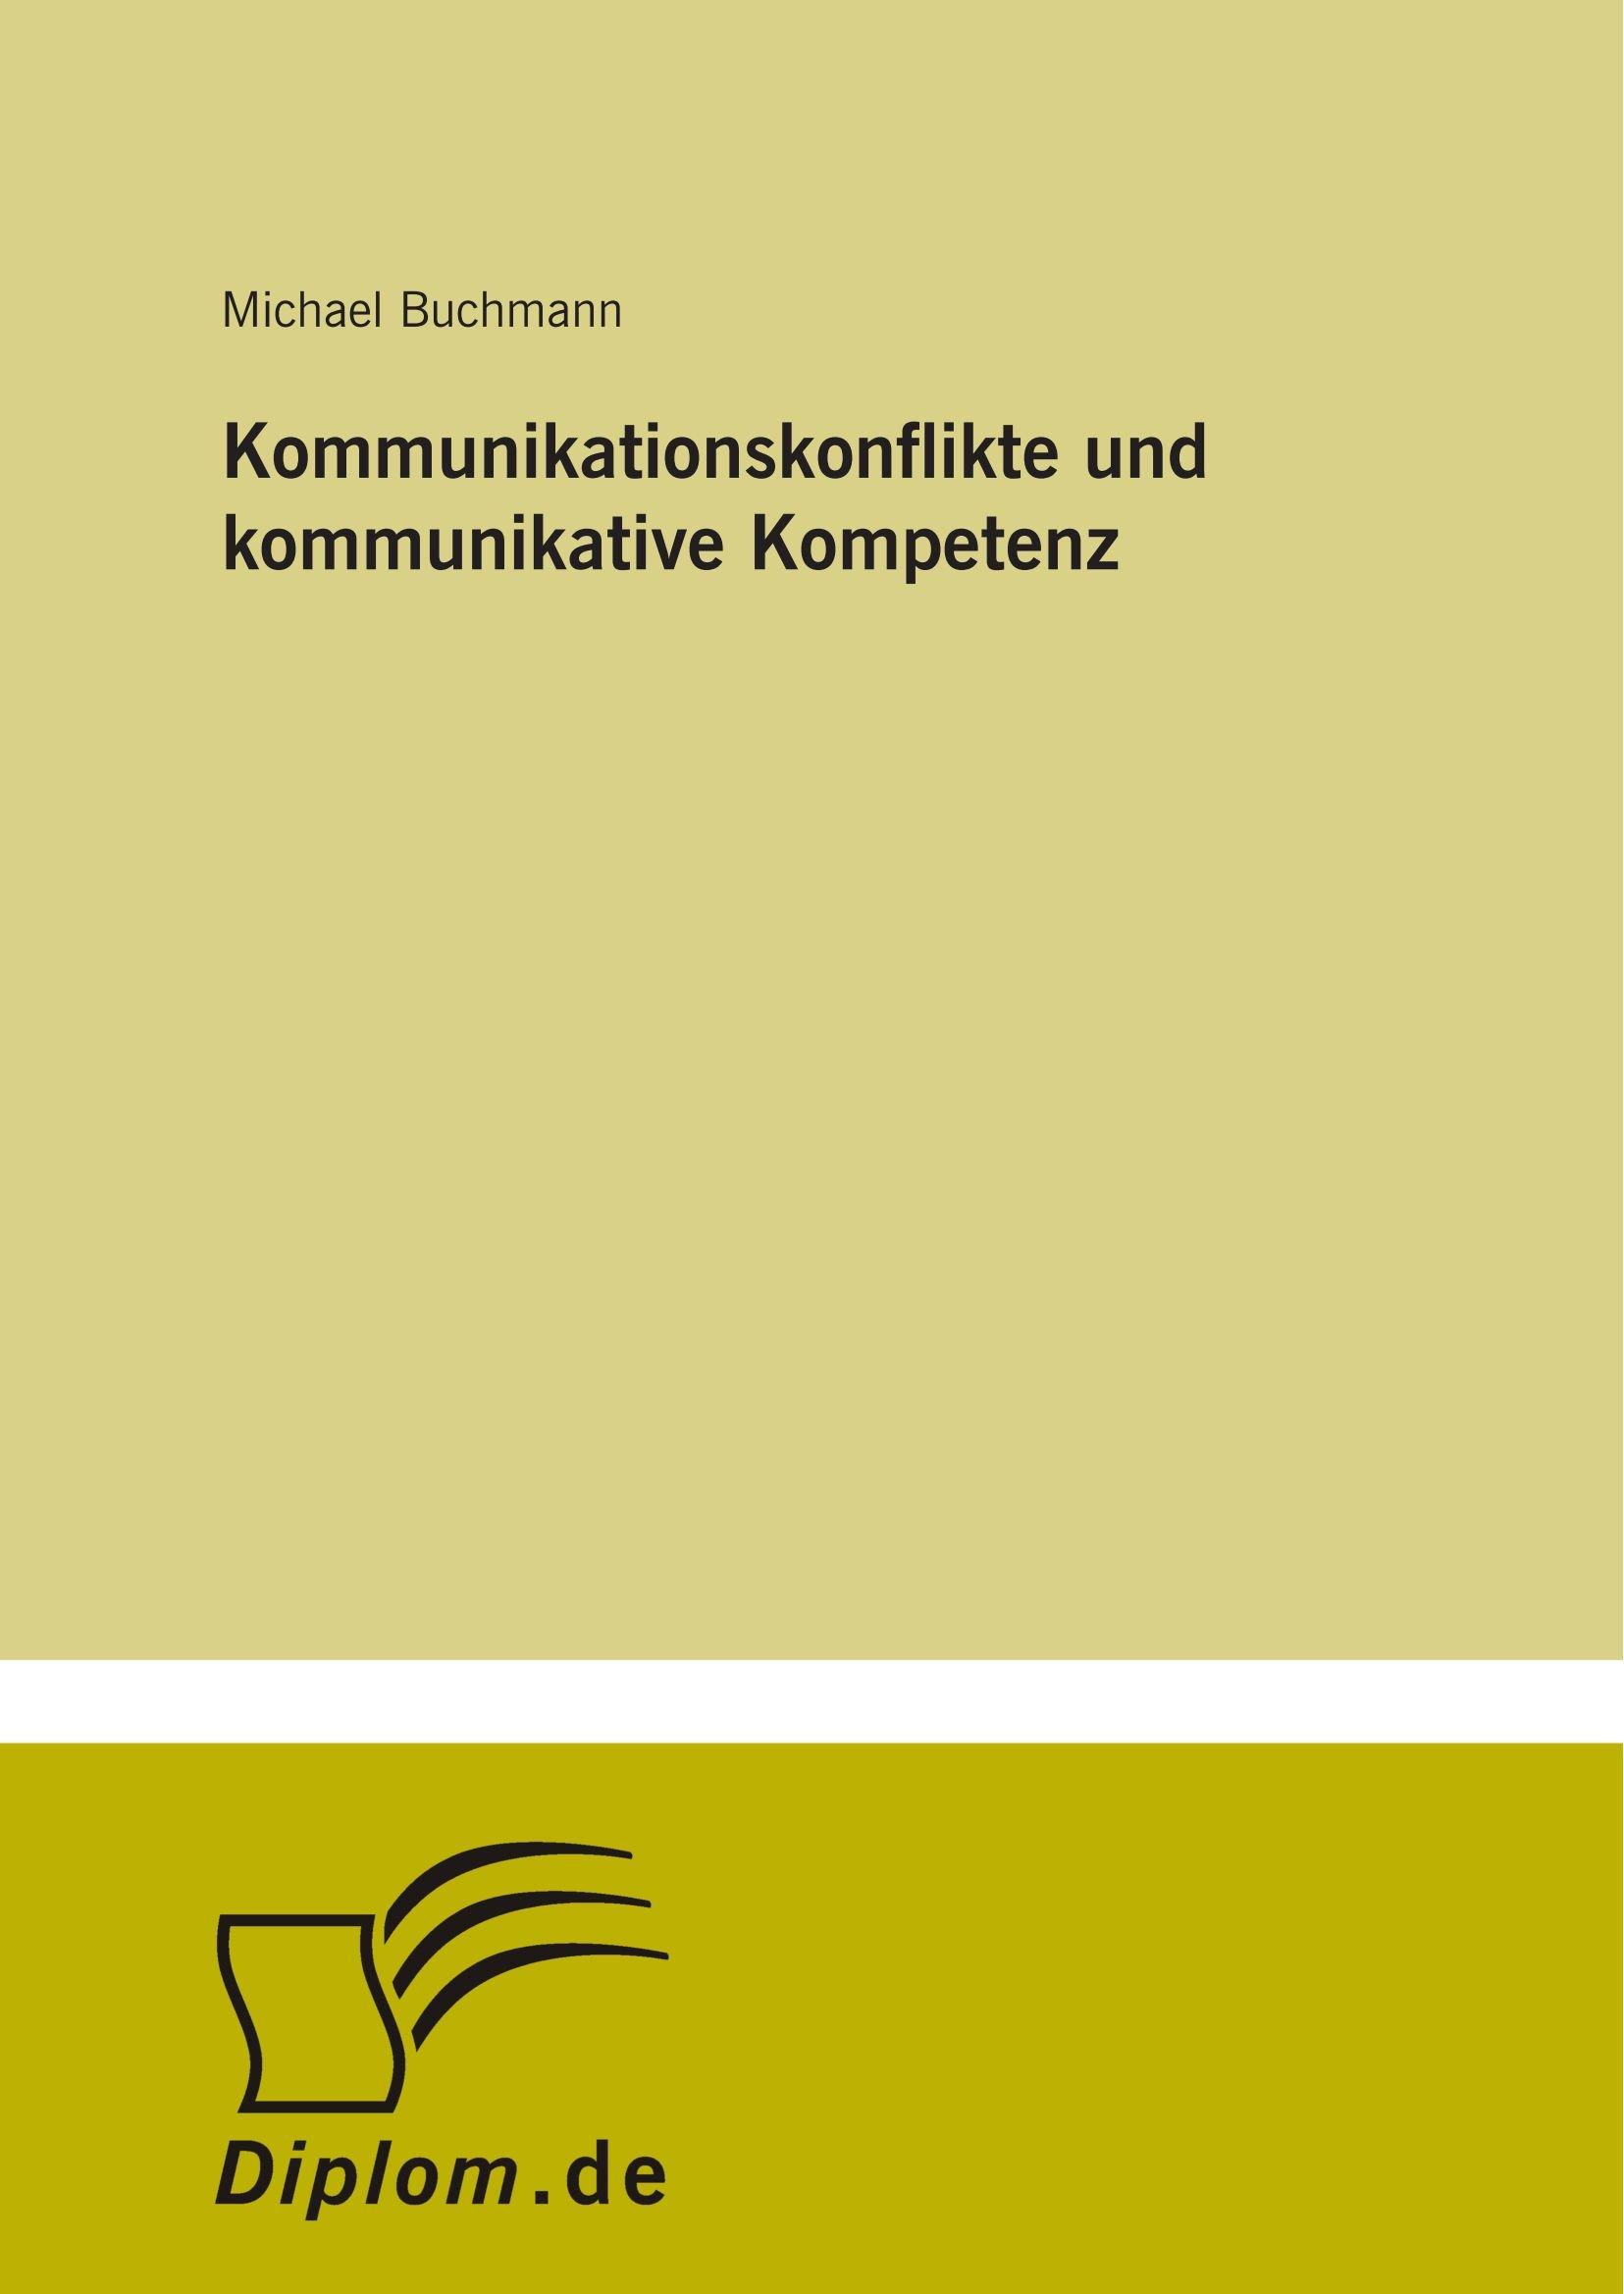 Kommunikationskonflikte und kommunikative Kompetenz: Amazon.de ...